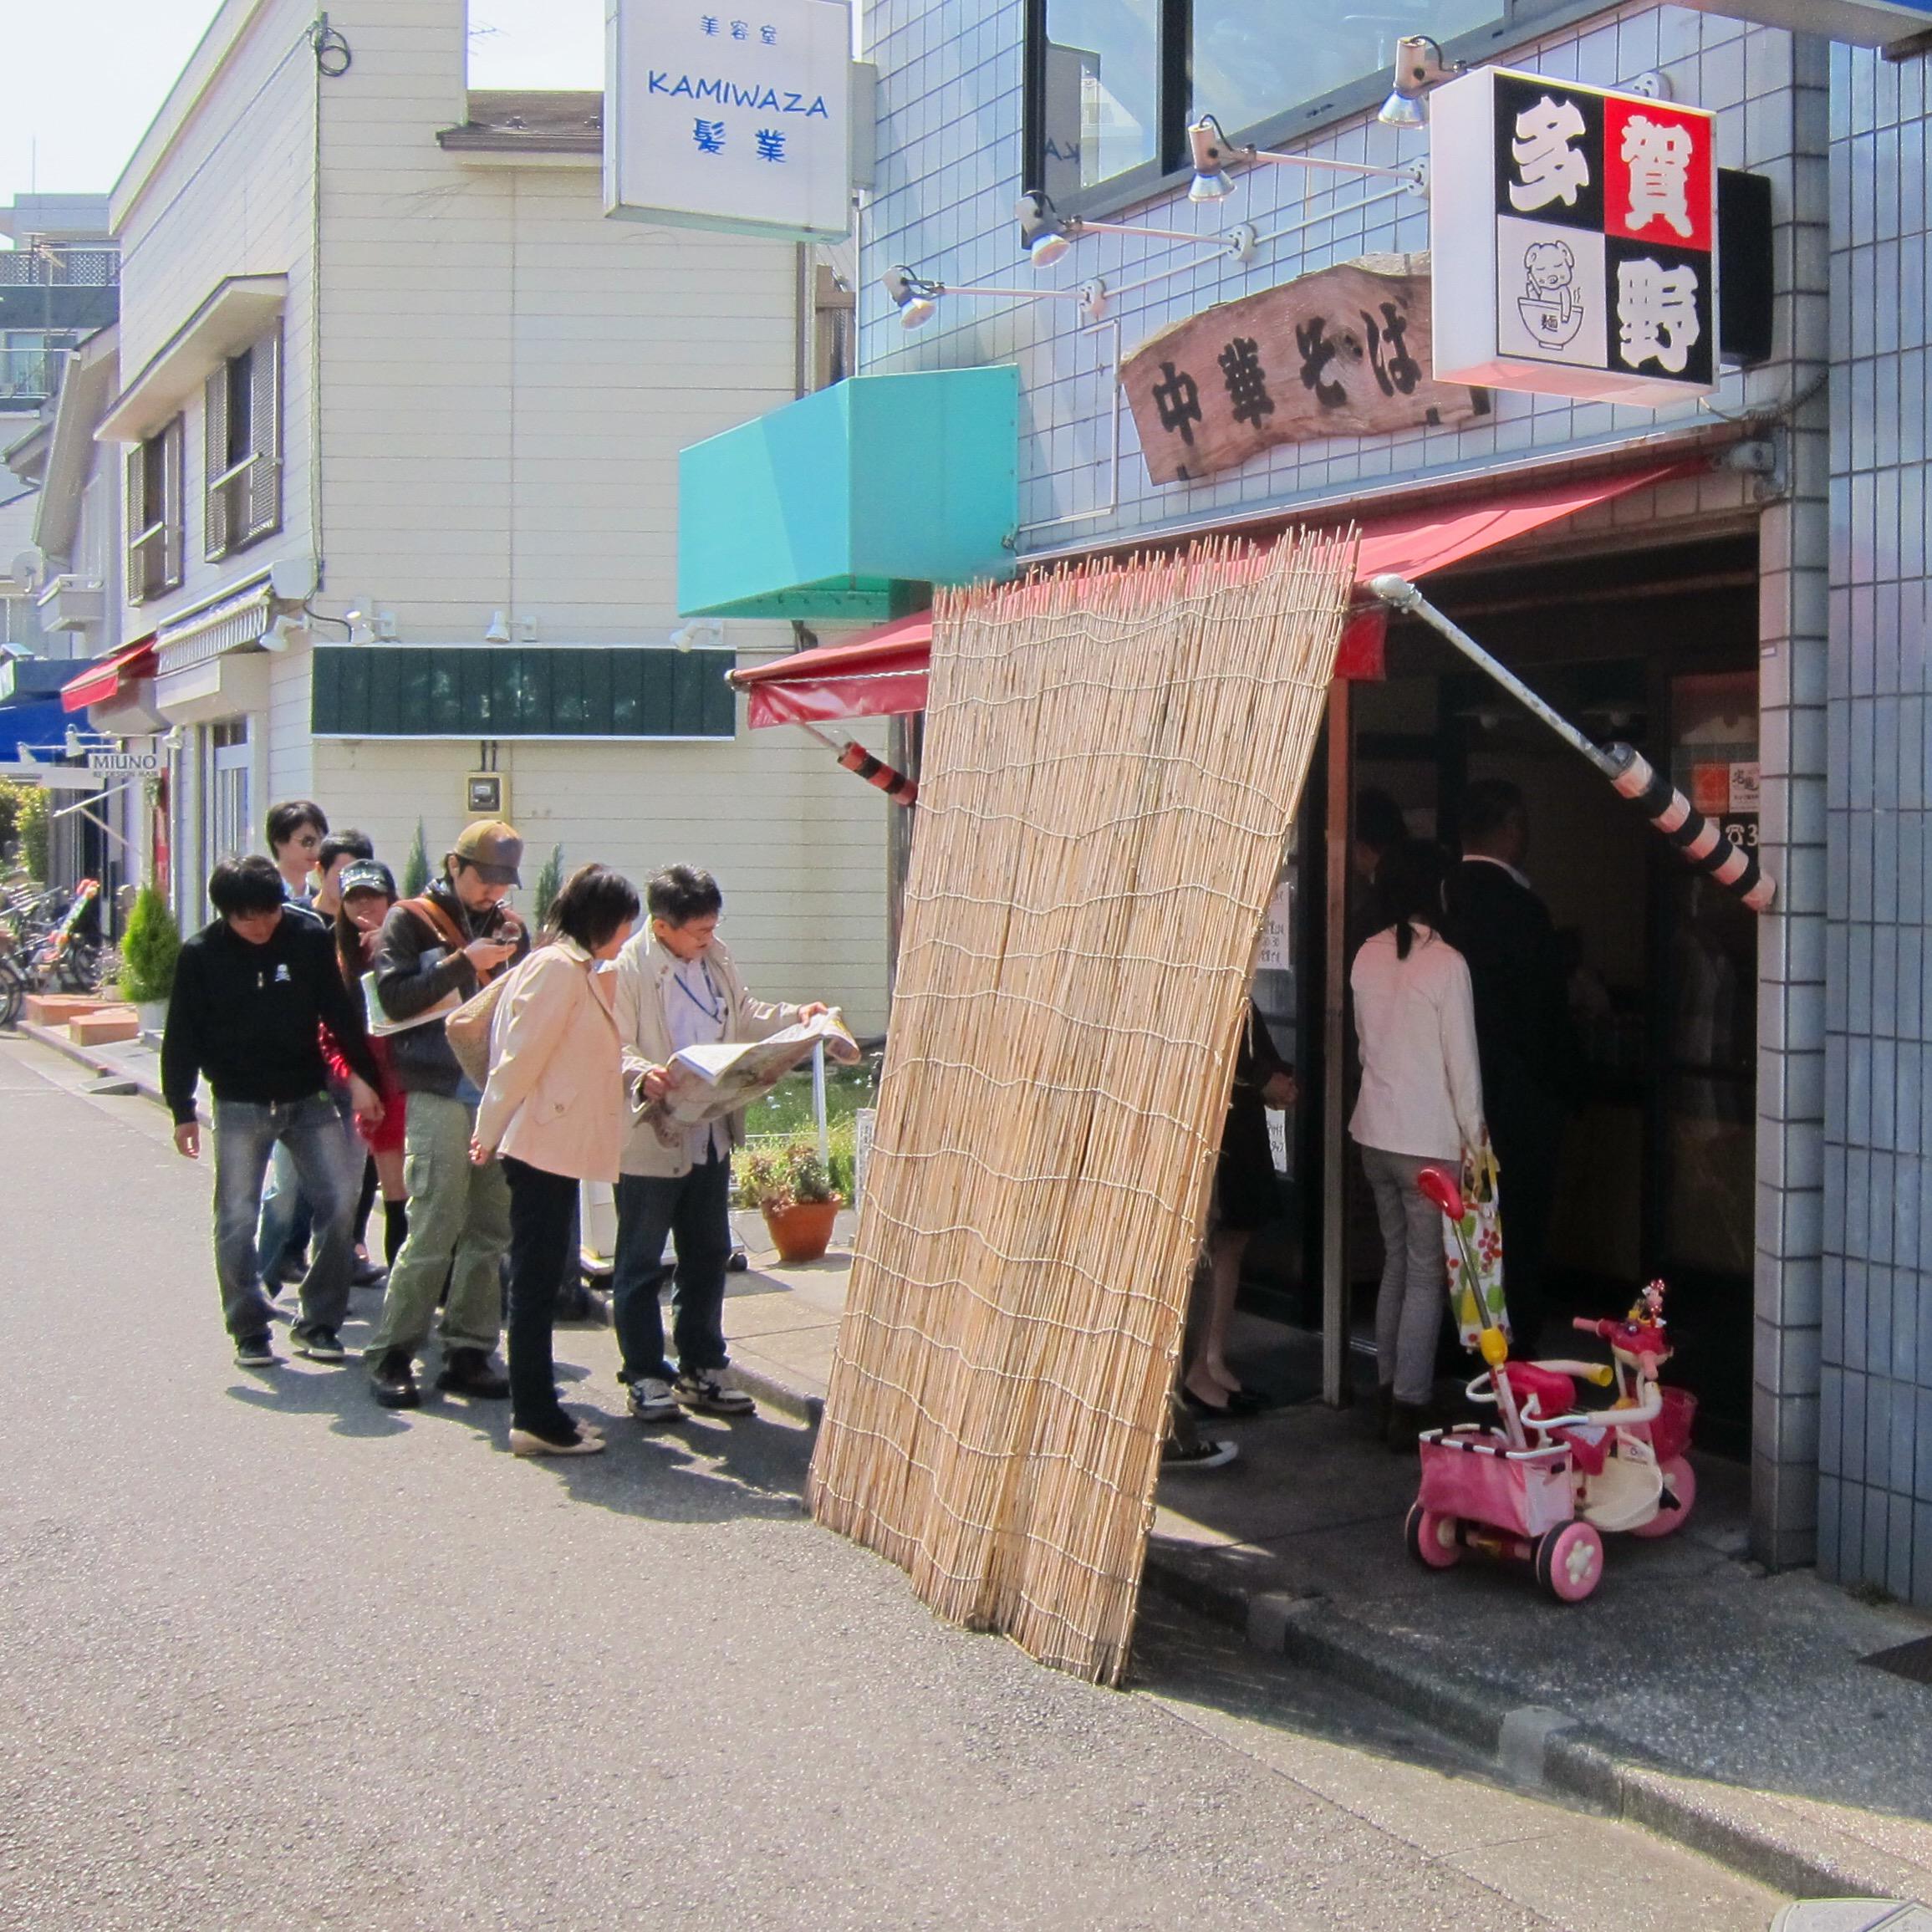 Takano Shop - Abram.jpeg